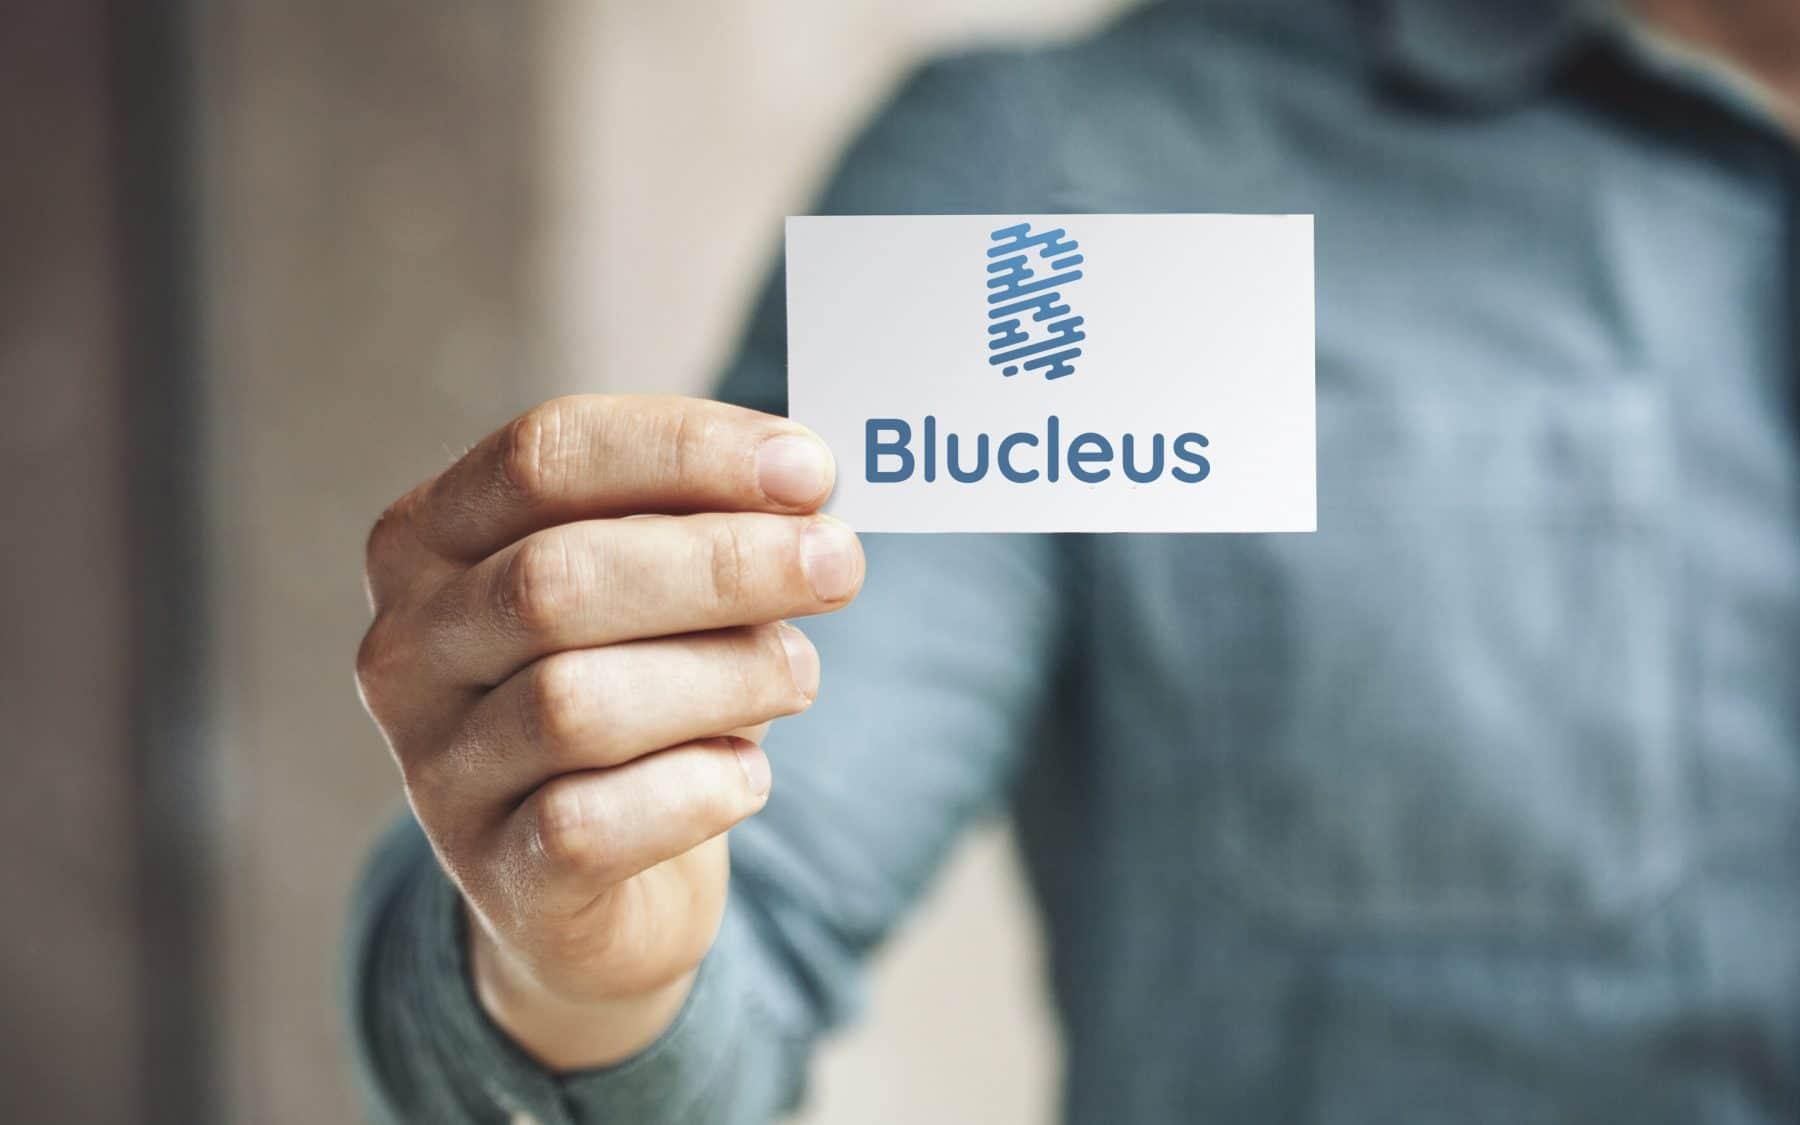 Blucleus